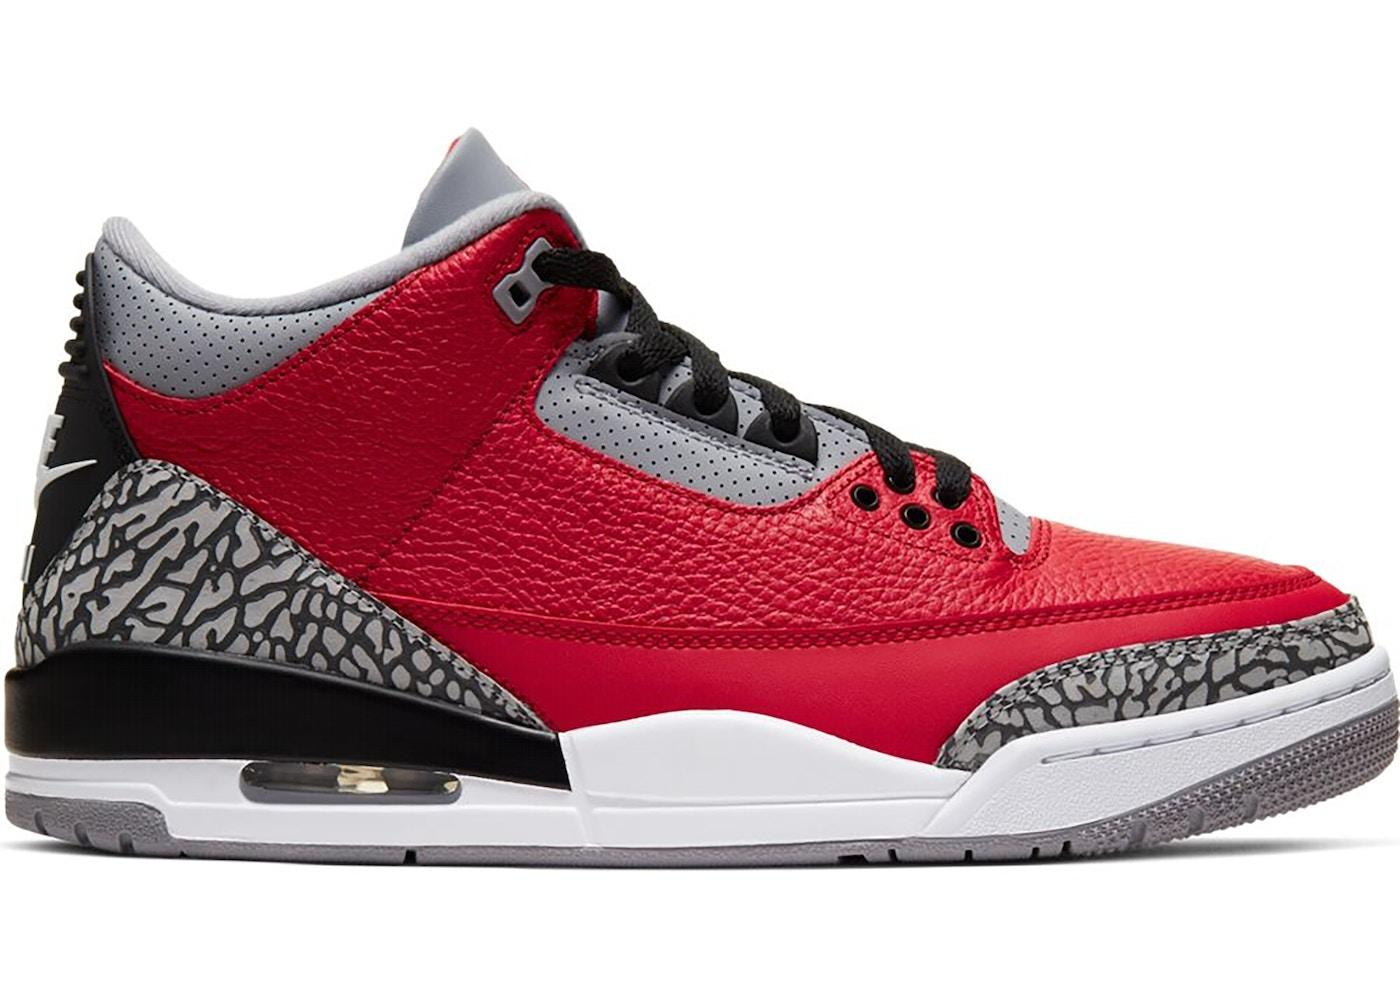 Air Jordan 3 SE Red Cement NIKE CHI •